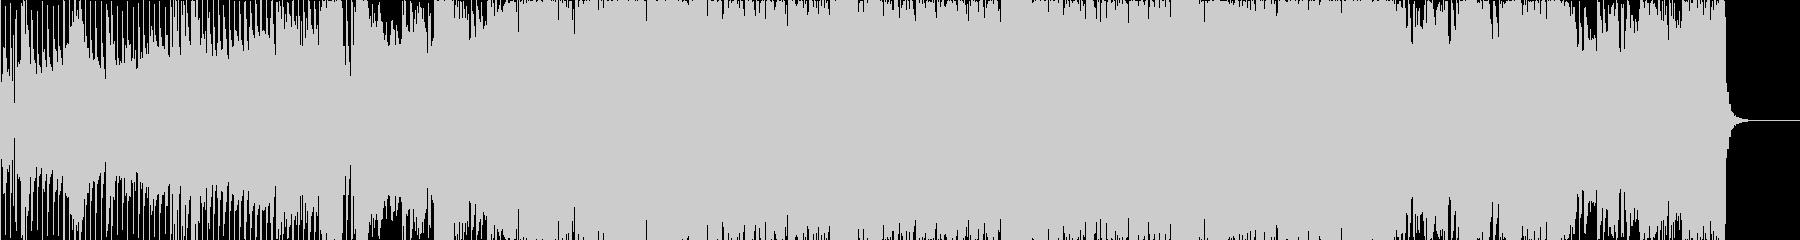 シンプルなビッグルームハウス・EDMの未再生の波形